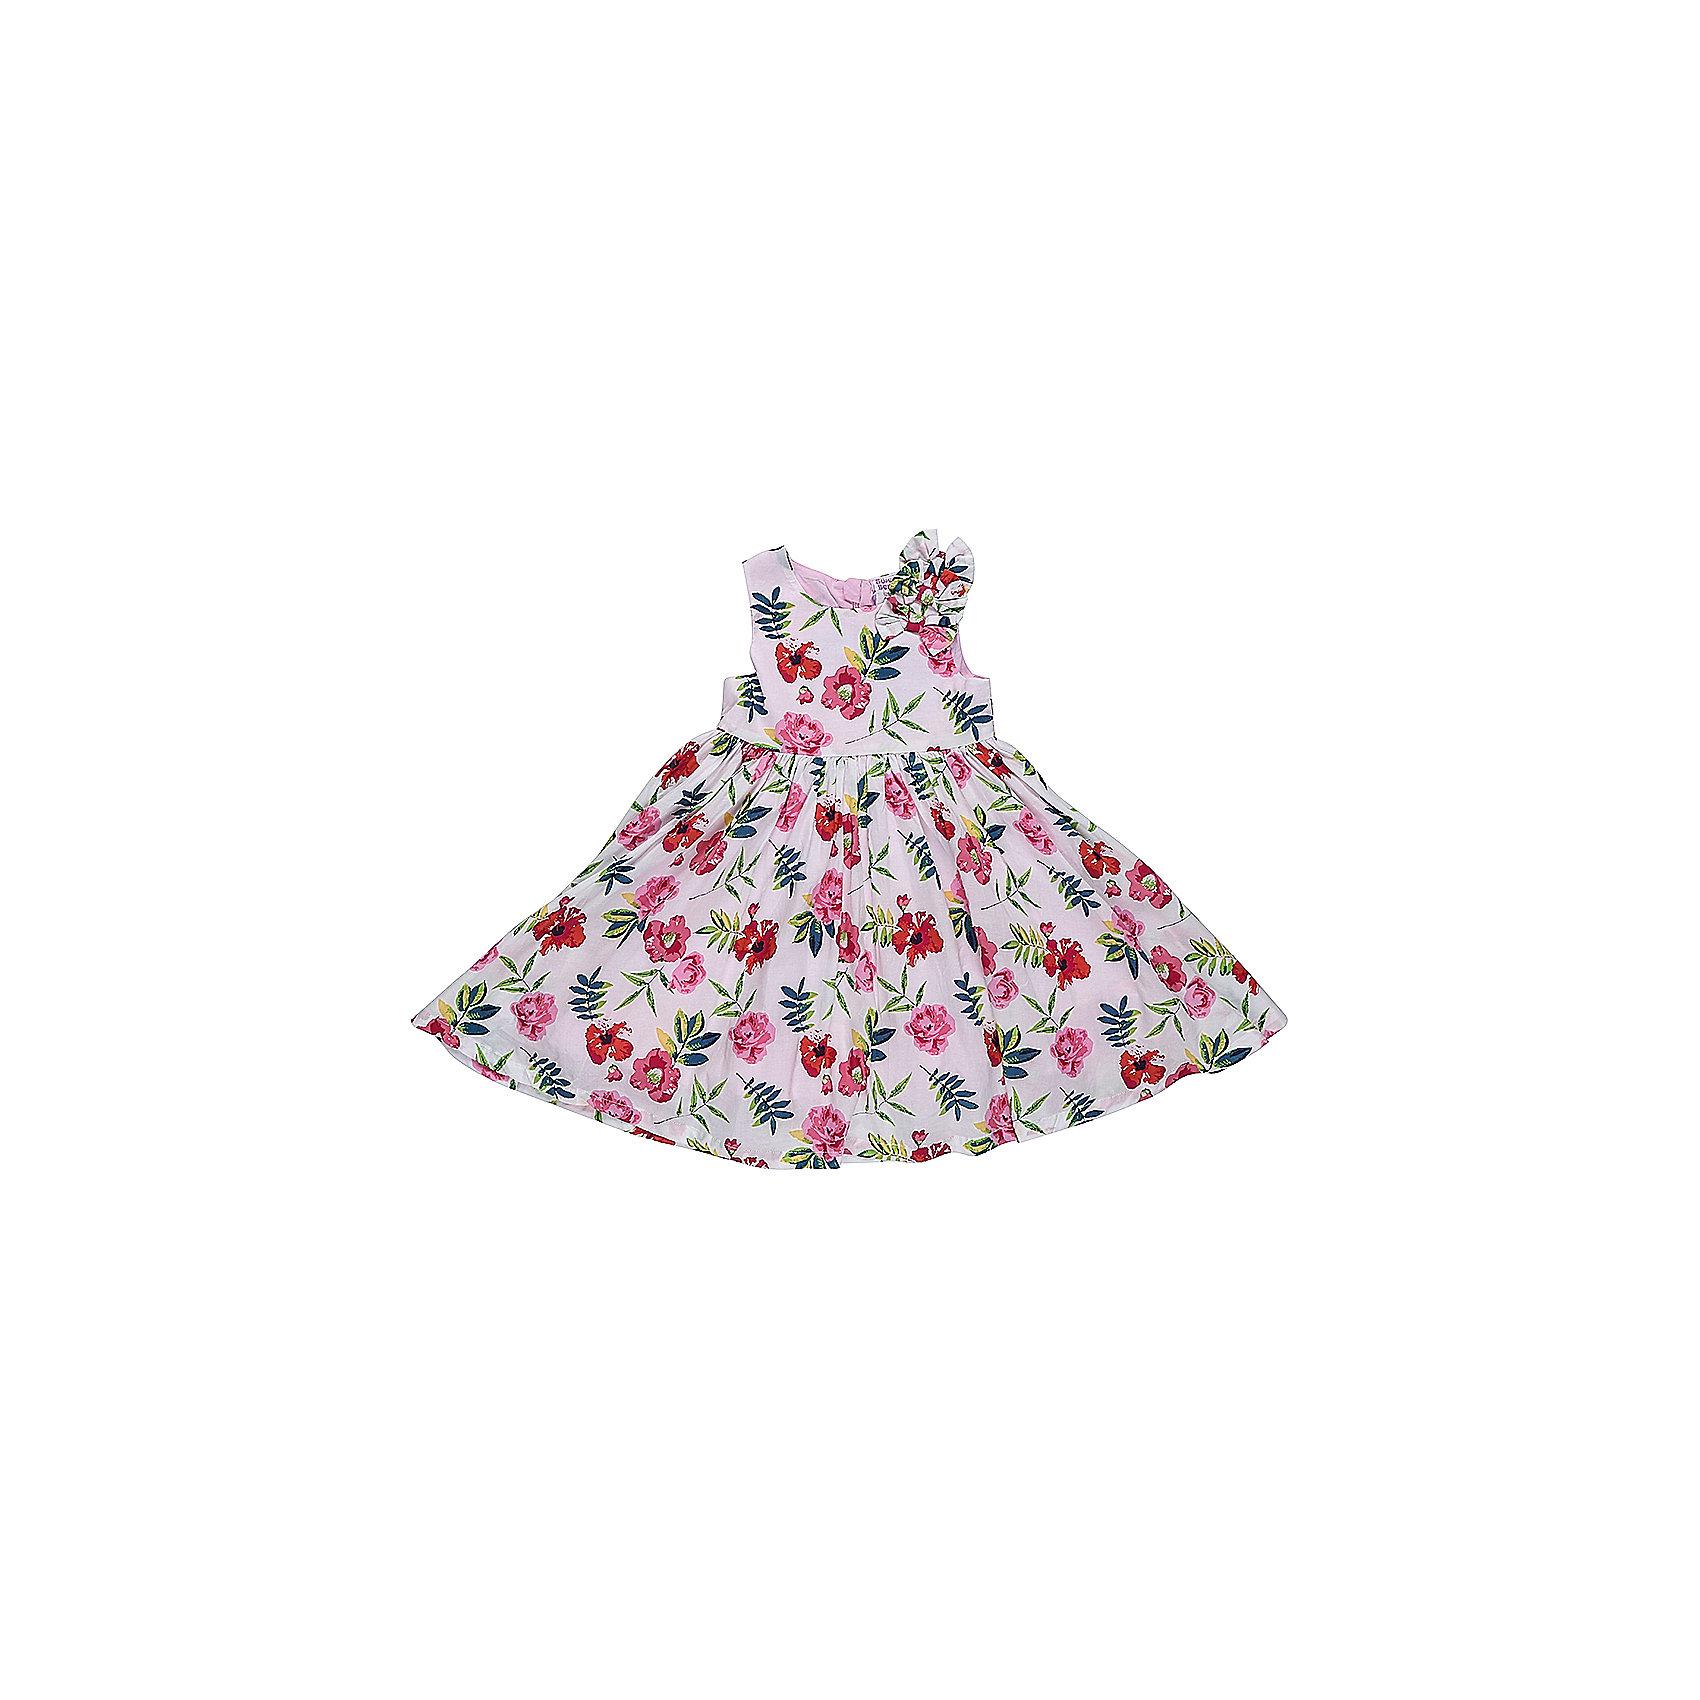 Платье для девочки Sweet BerryОдежда<br>Платье из хлопка с цветочным рисунком, лиф декорирован бантиками. Пышная юбка-солнце, с хлопковой подкладкой. На спинке платье застегивается на потайную молнию.<br>Состав:<br>Верх: 100% хлопок, Подкладка: 100%хлопок<br><br>Ширина мм: 236<br>Глубина мм: 16<br>Высота мм: 184<br>Вес г: 177<br>Цвет: розовый<br>Возраст от месяцев: 12<br>Возраст до месяцев: 15<br>Пол: Женский<br>Возраст: Детский<br>Размер: 80,86,92,98<br>SKU: 5411262